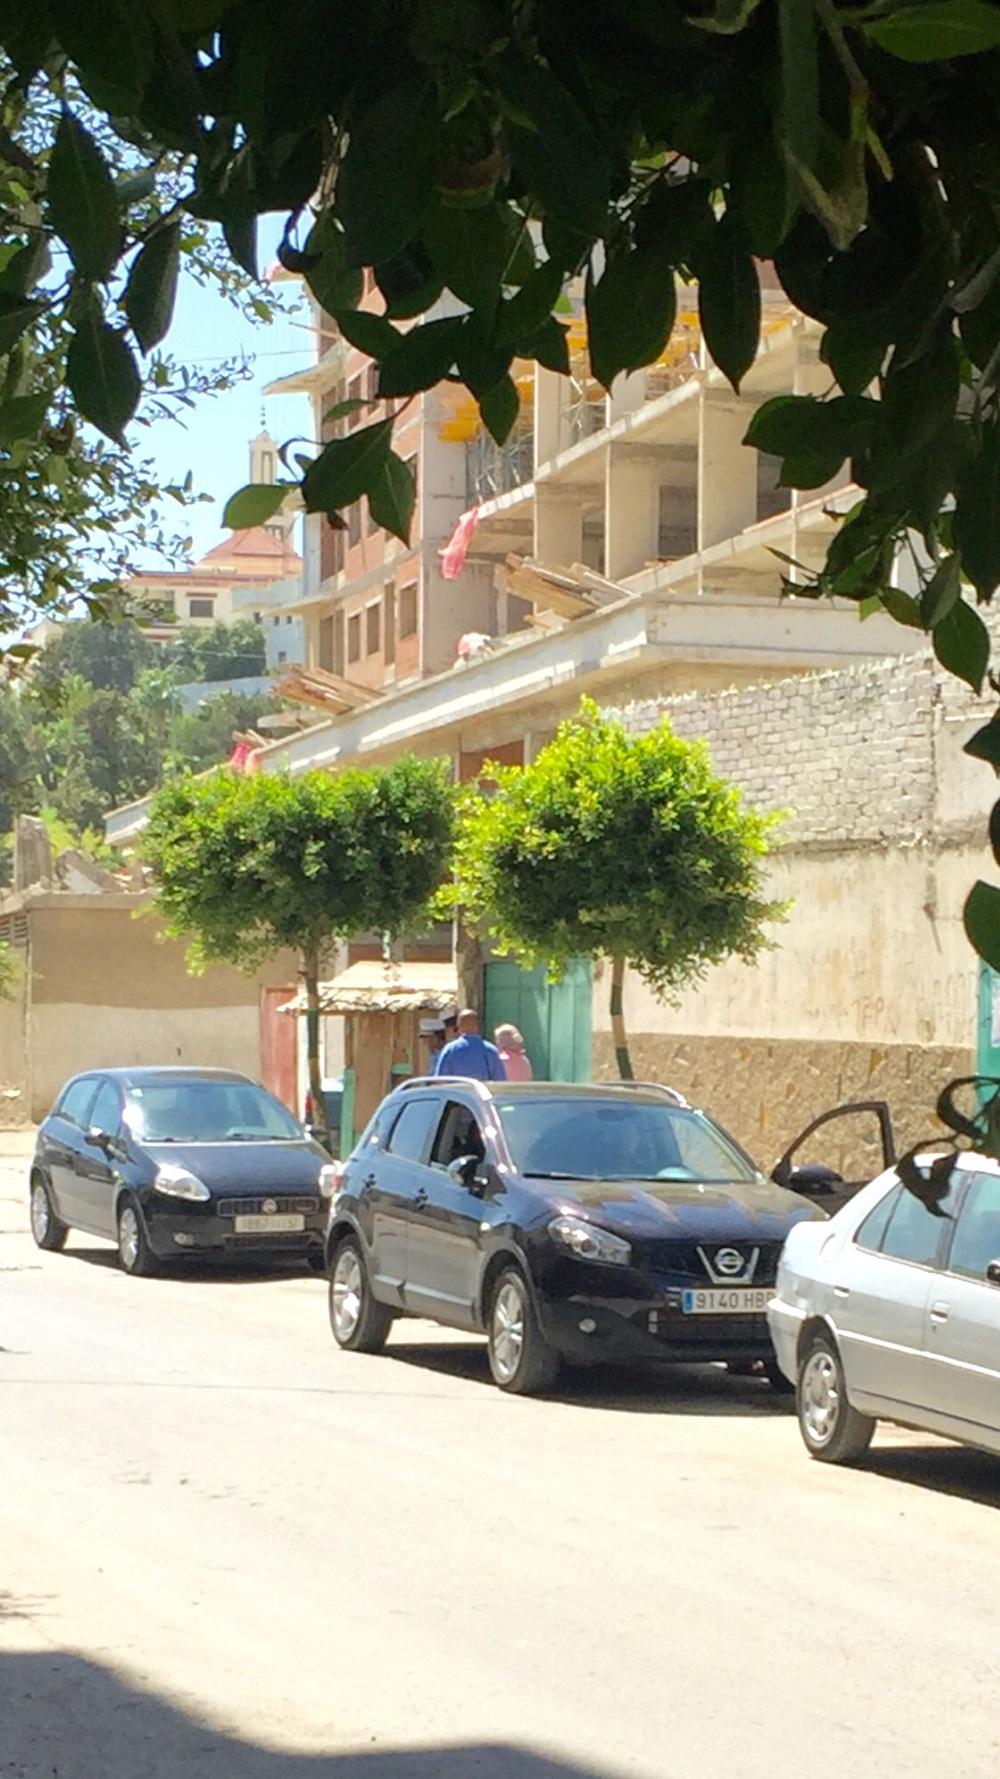 صورة توضح اختباء الشرطيين وراء كوخ